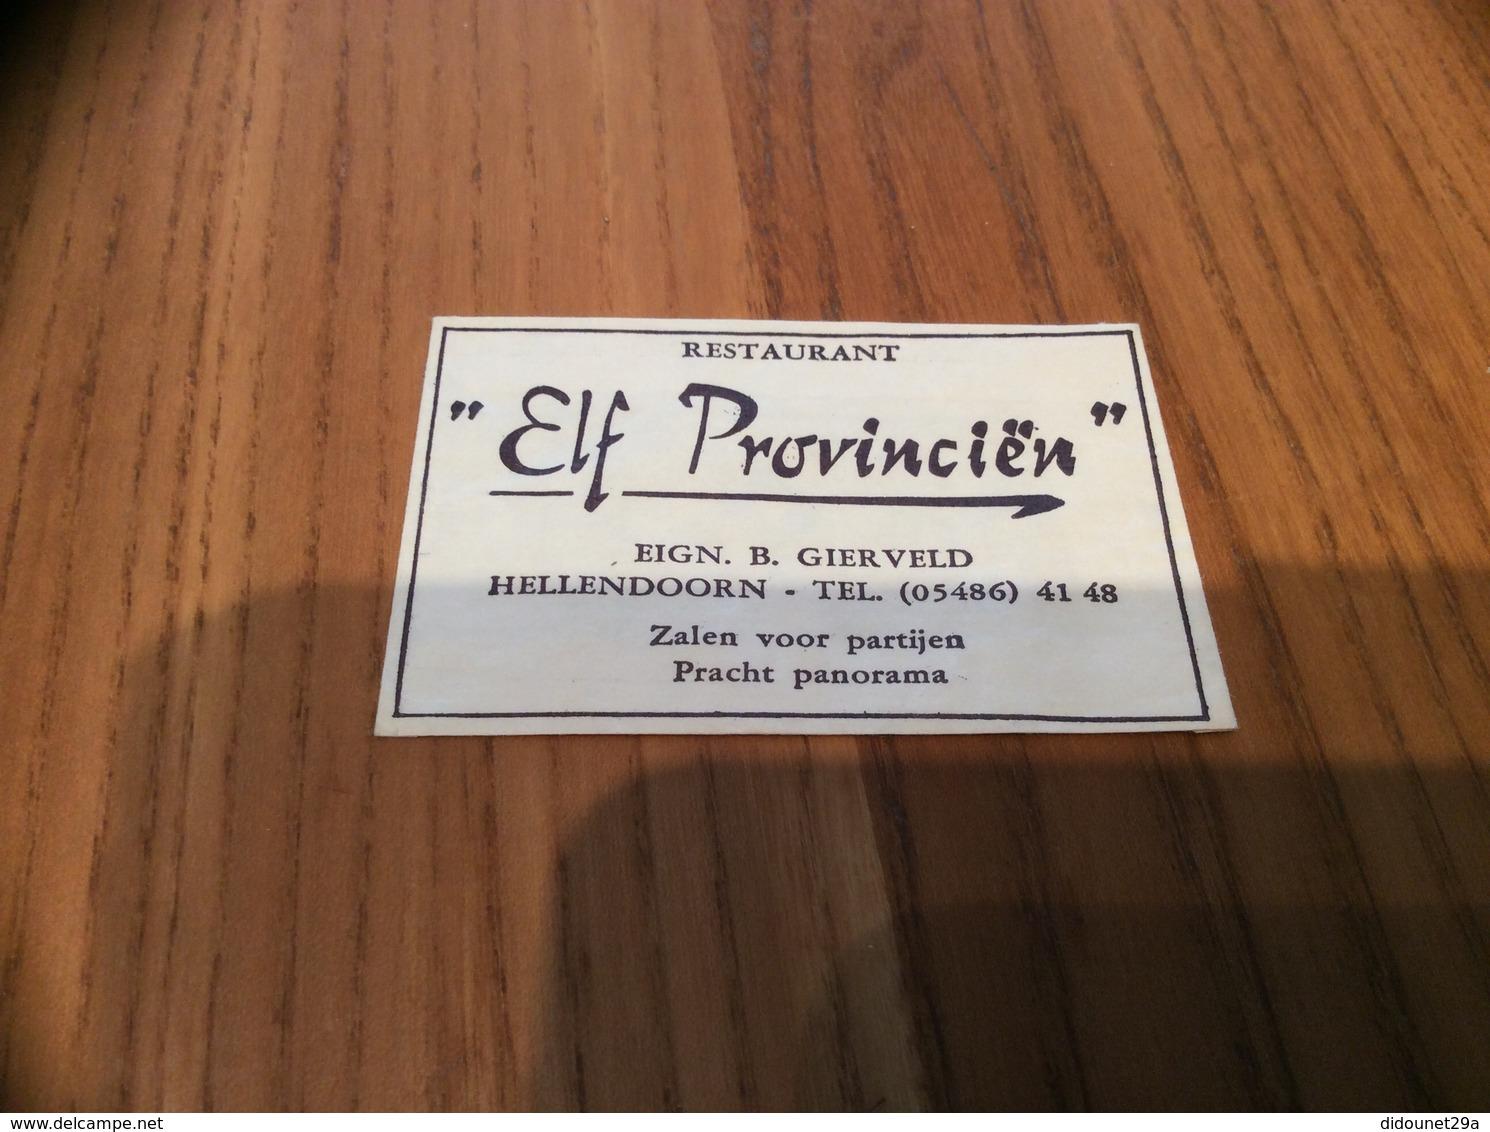 """Ancien Sachet De Sucre Pays-Bas """"RESTAURANT Elf Provinciën EIGN. B GIERVELD - HELLENDOORN"""" Années 60 - Sugars"""